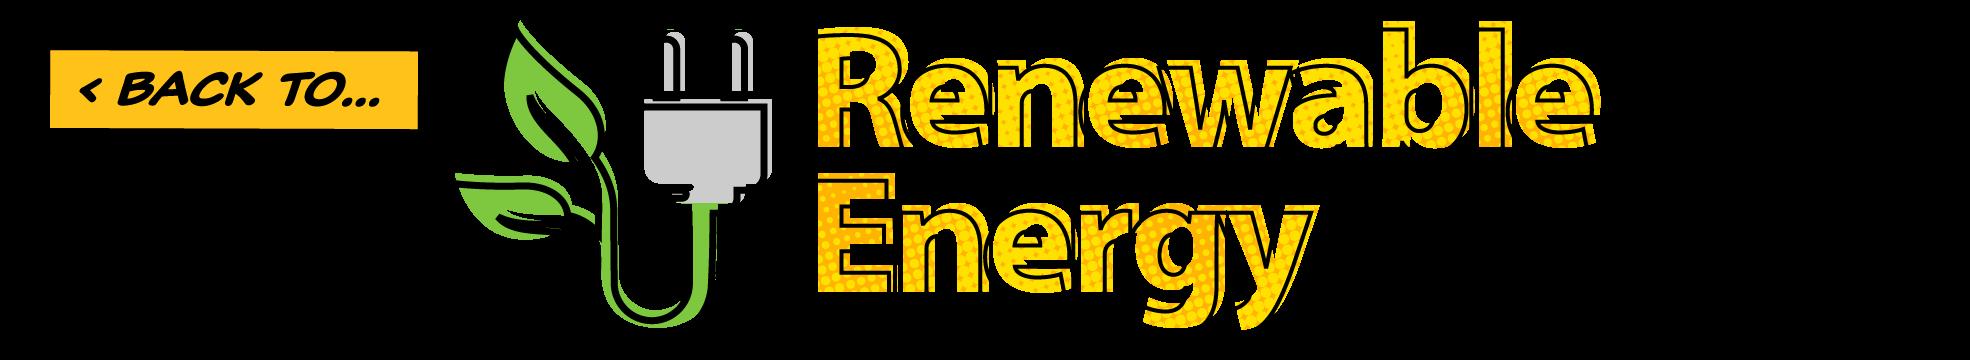 Back to...Renewable Energy